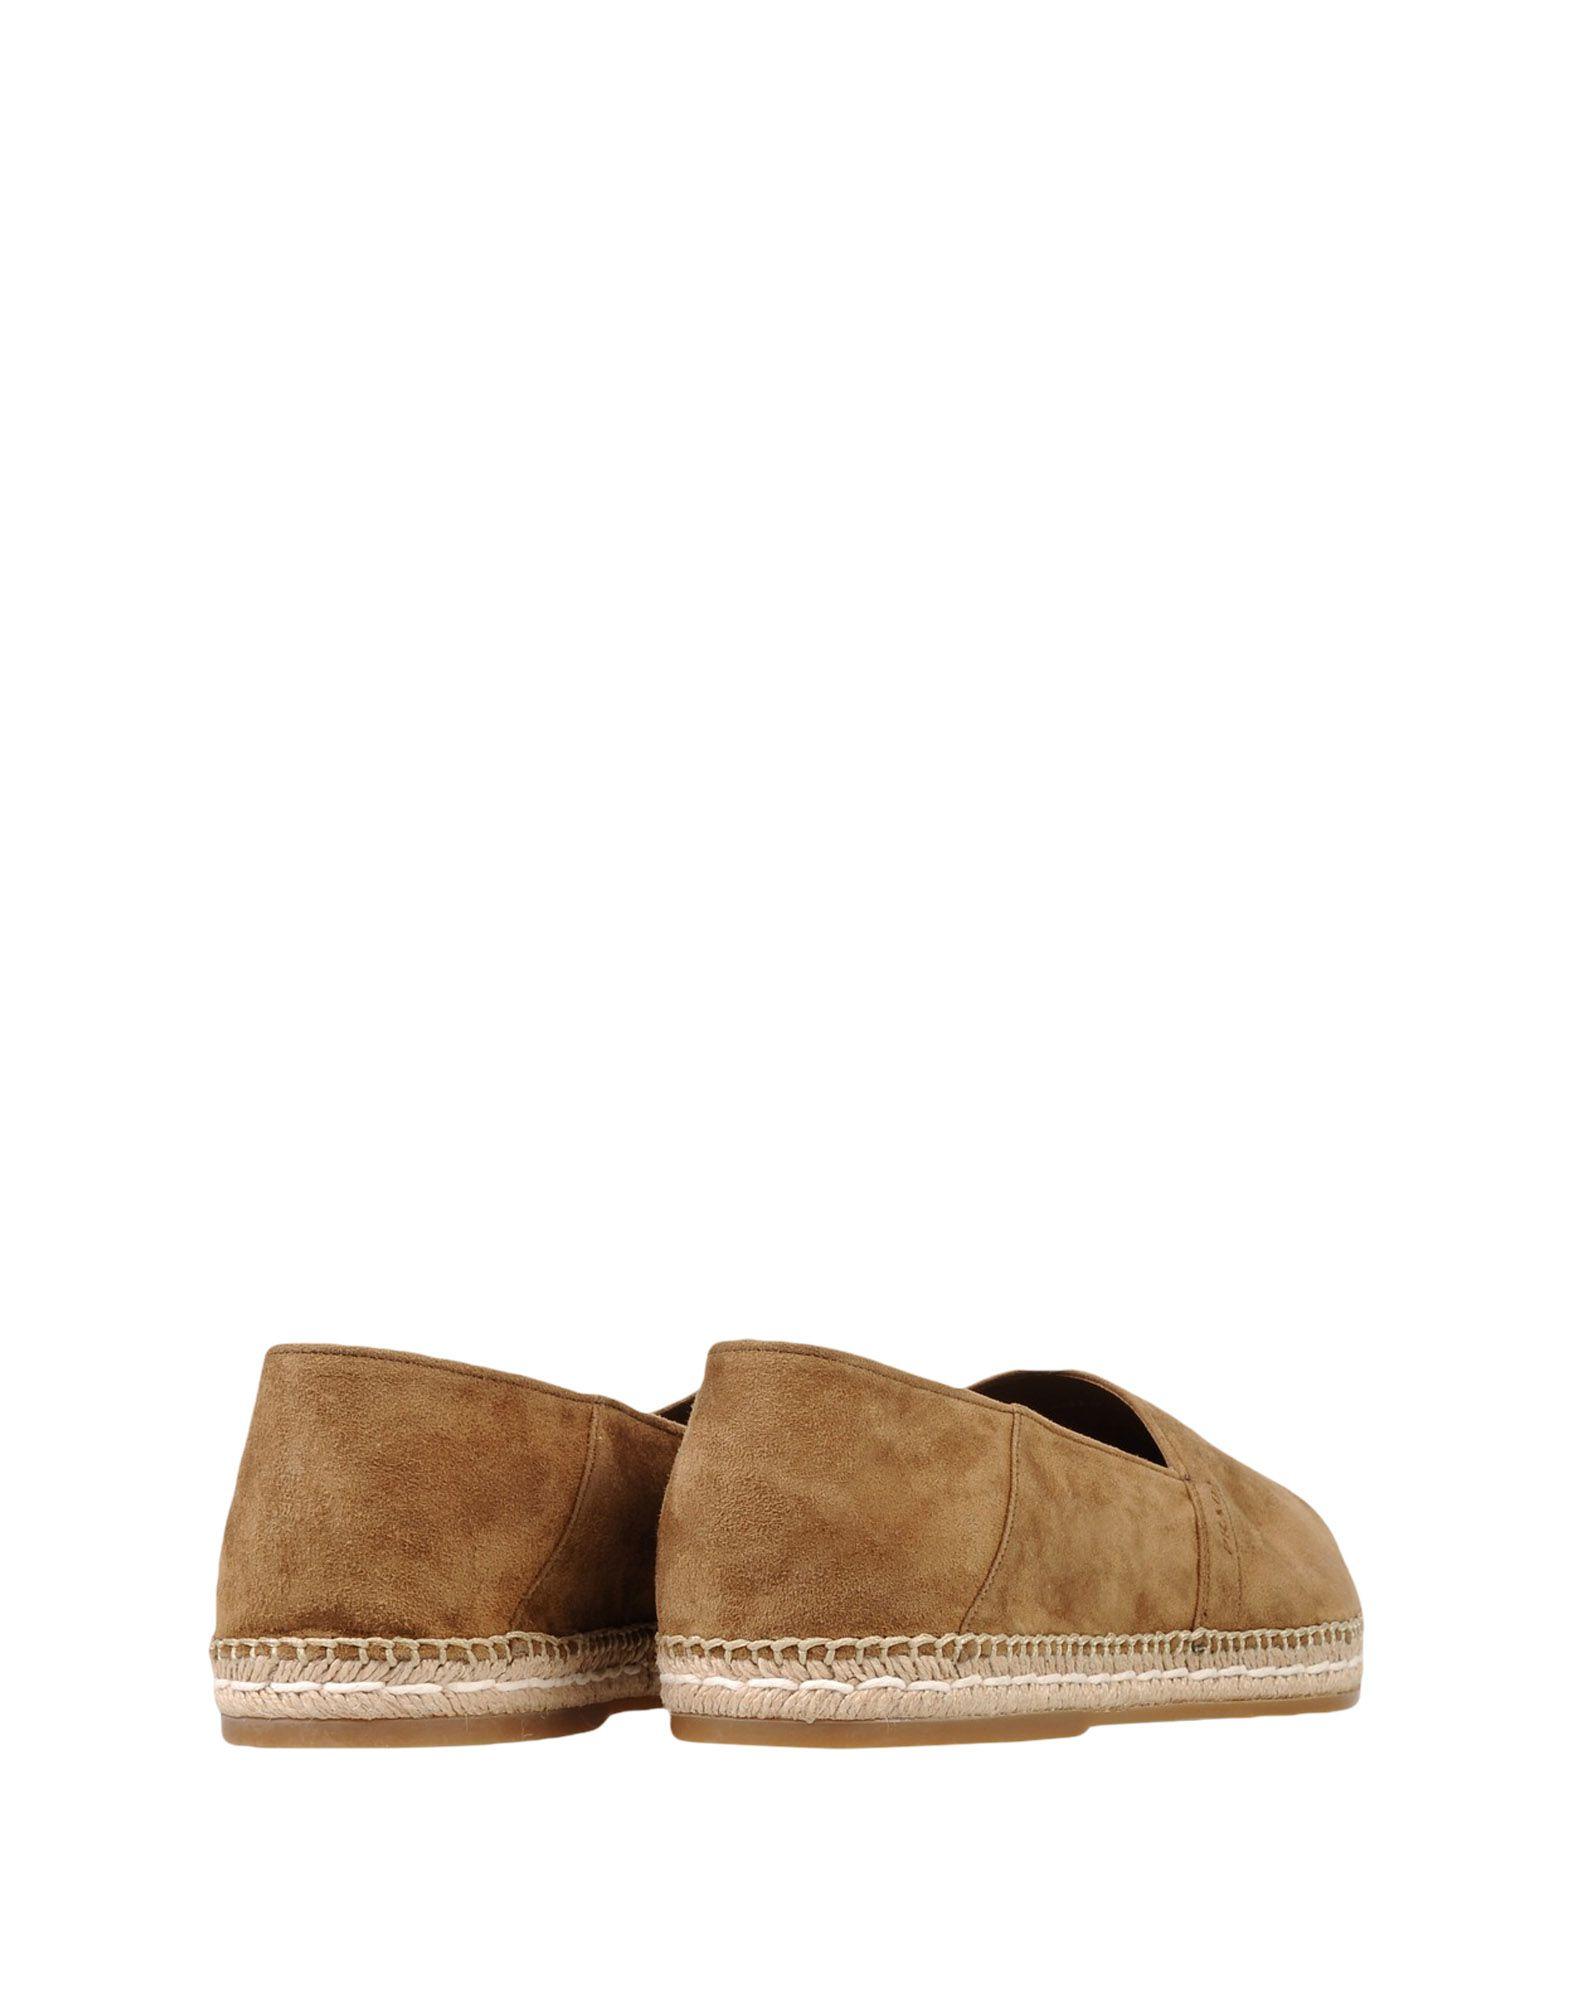 Prada Gute Espadrilles Herren  11181351JA Gute Prada Qualität beliebte Schuhe 045119